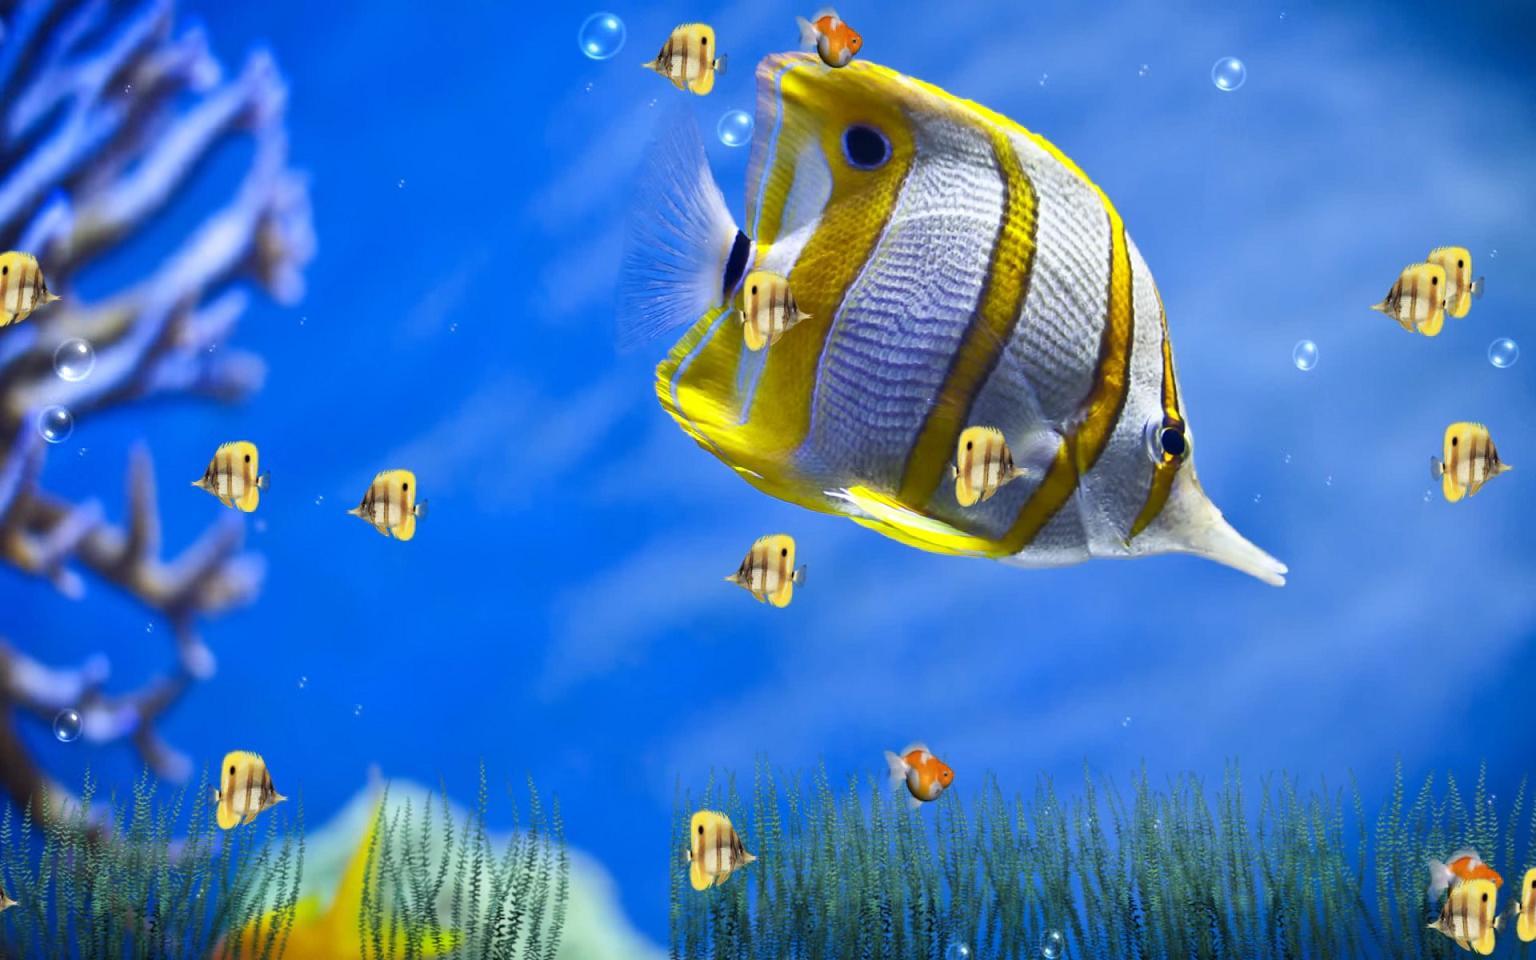 Marine Life Aquarium Animated Wallpaper Freeware Version 1 1536x960